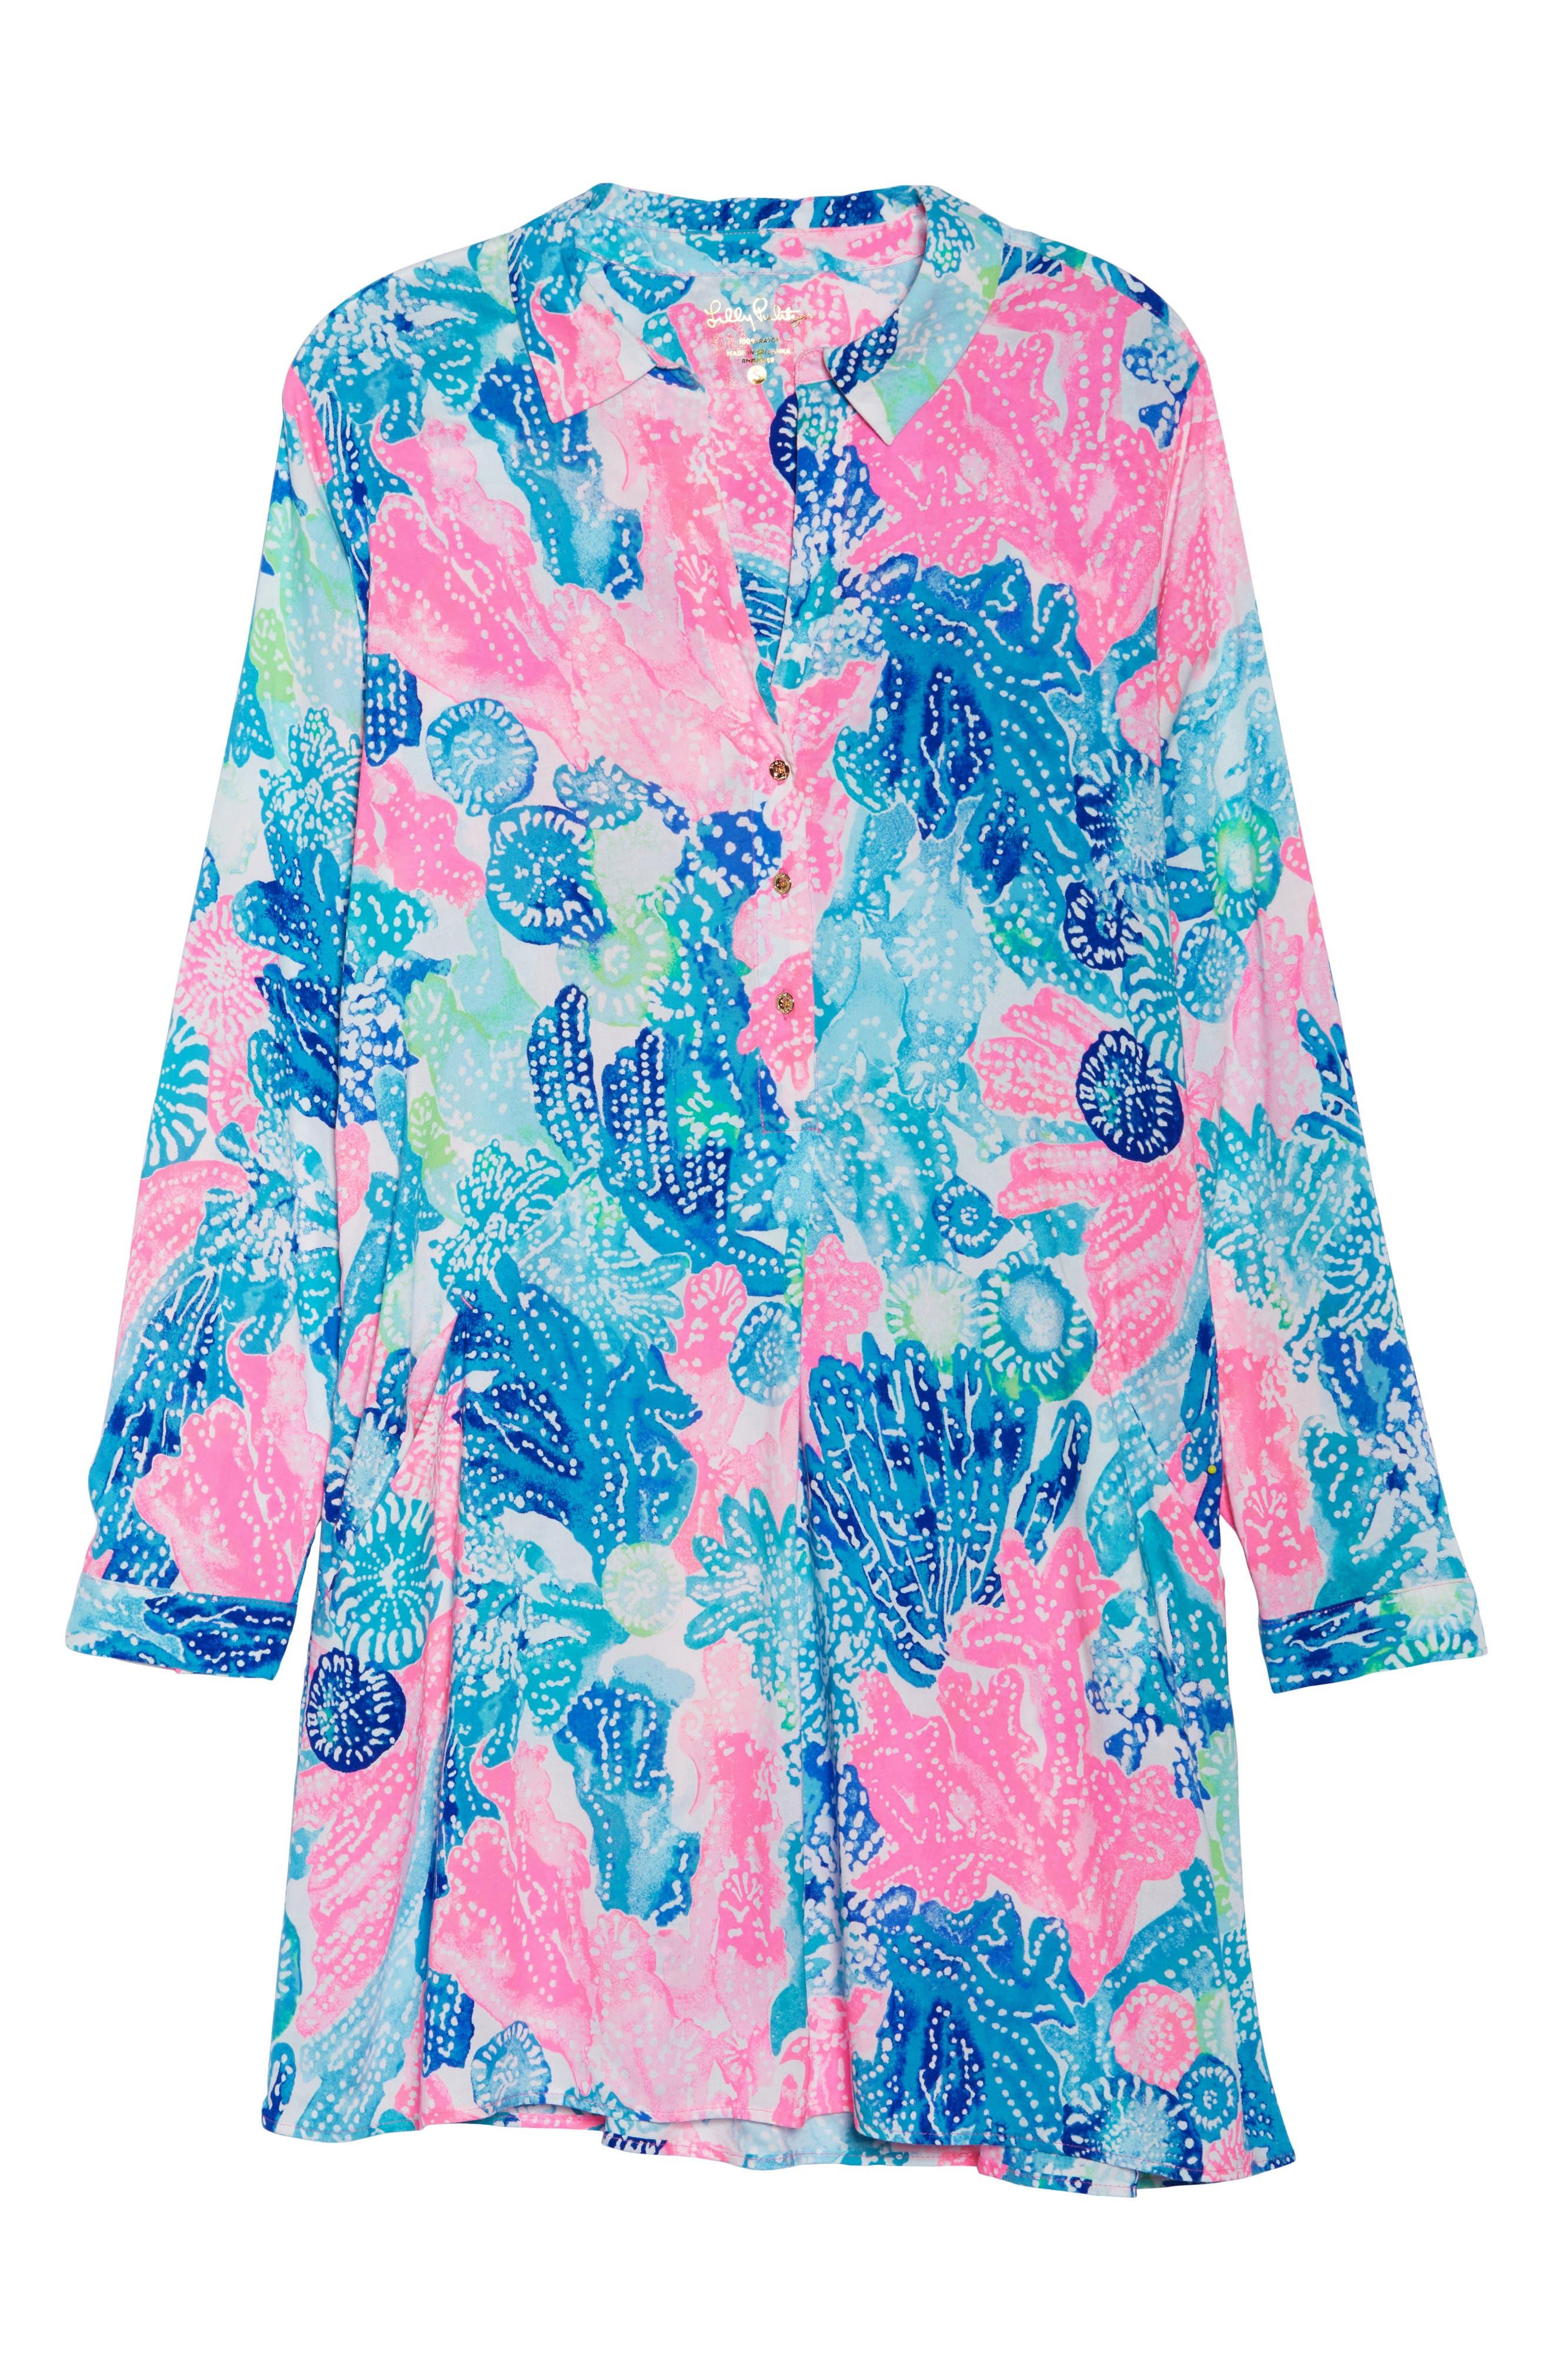 Lillith Shirtdress,                             Alternate thumbnail 6, color,                             Multi Boho Batik